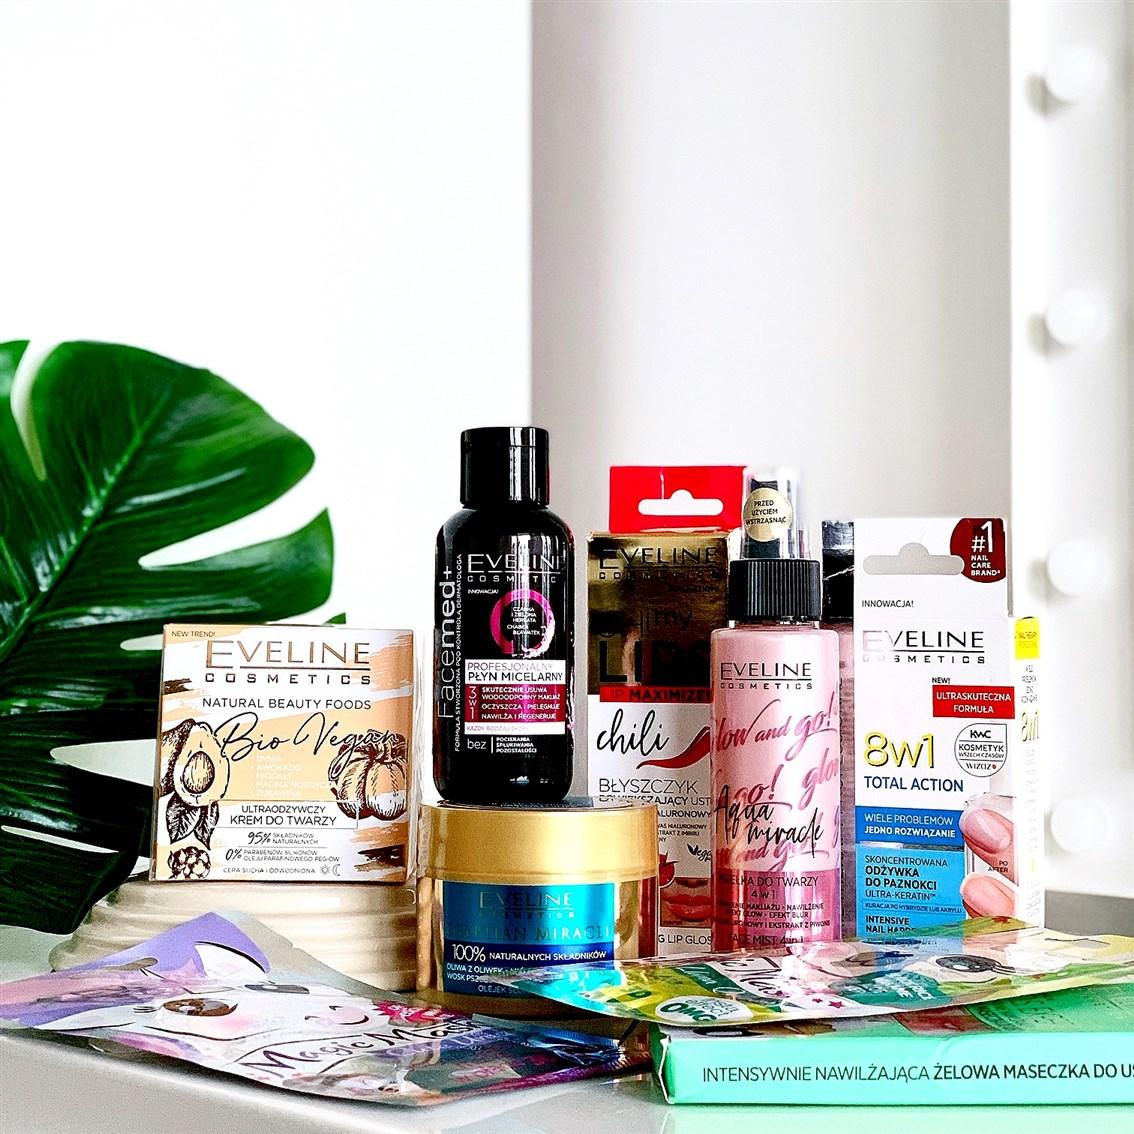 Eveline Cosmetics nowości listopad